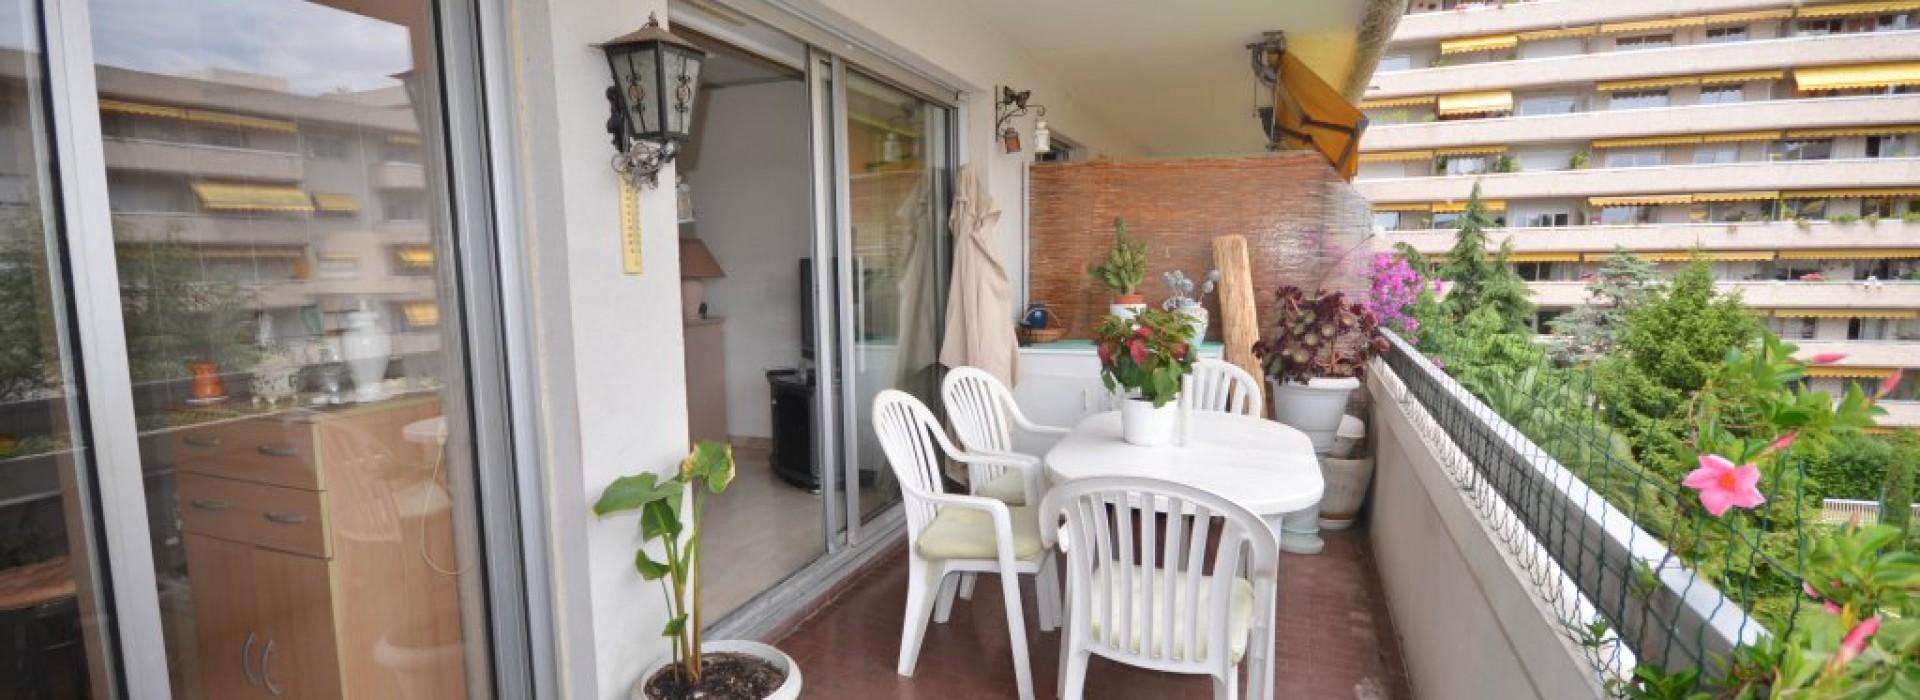 Appartement Nice 2 Pièces 52m2 215,000€